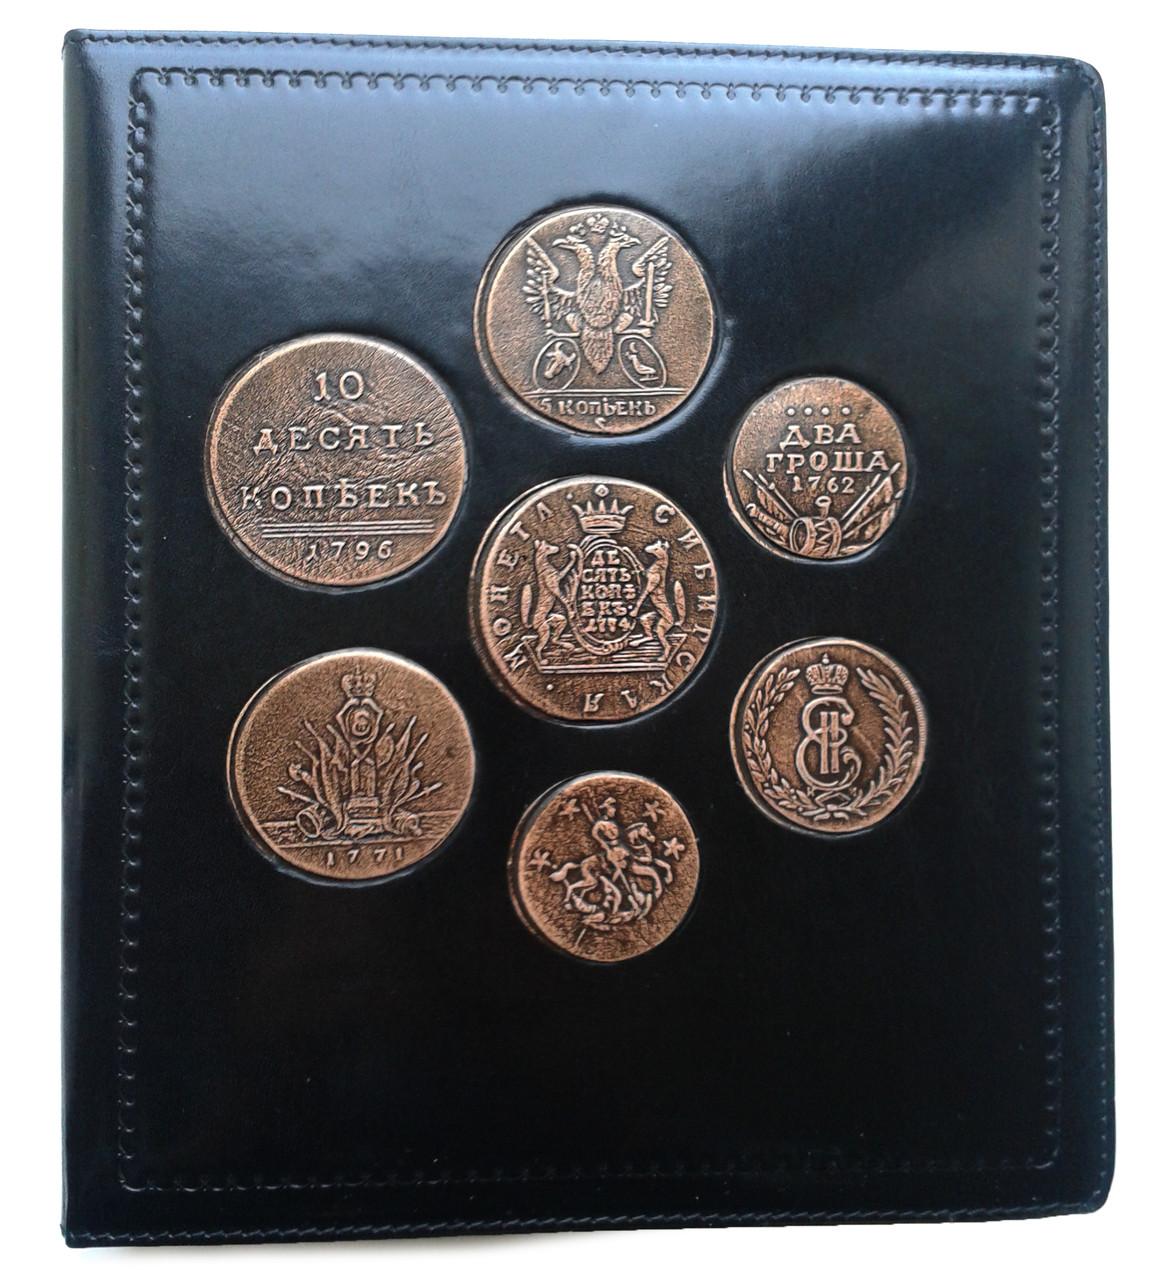 Альбом для монет comc 5 руб крым